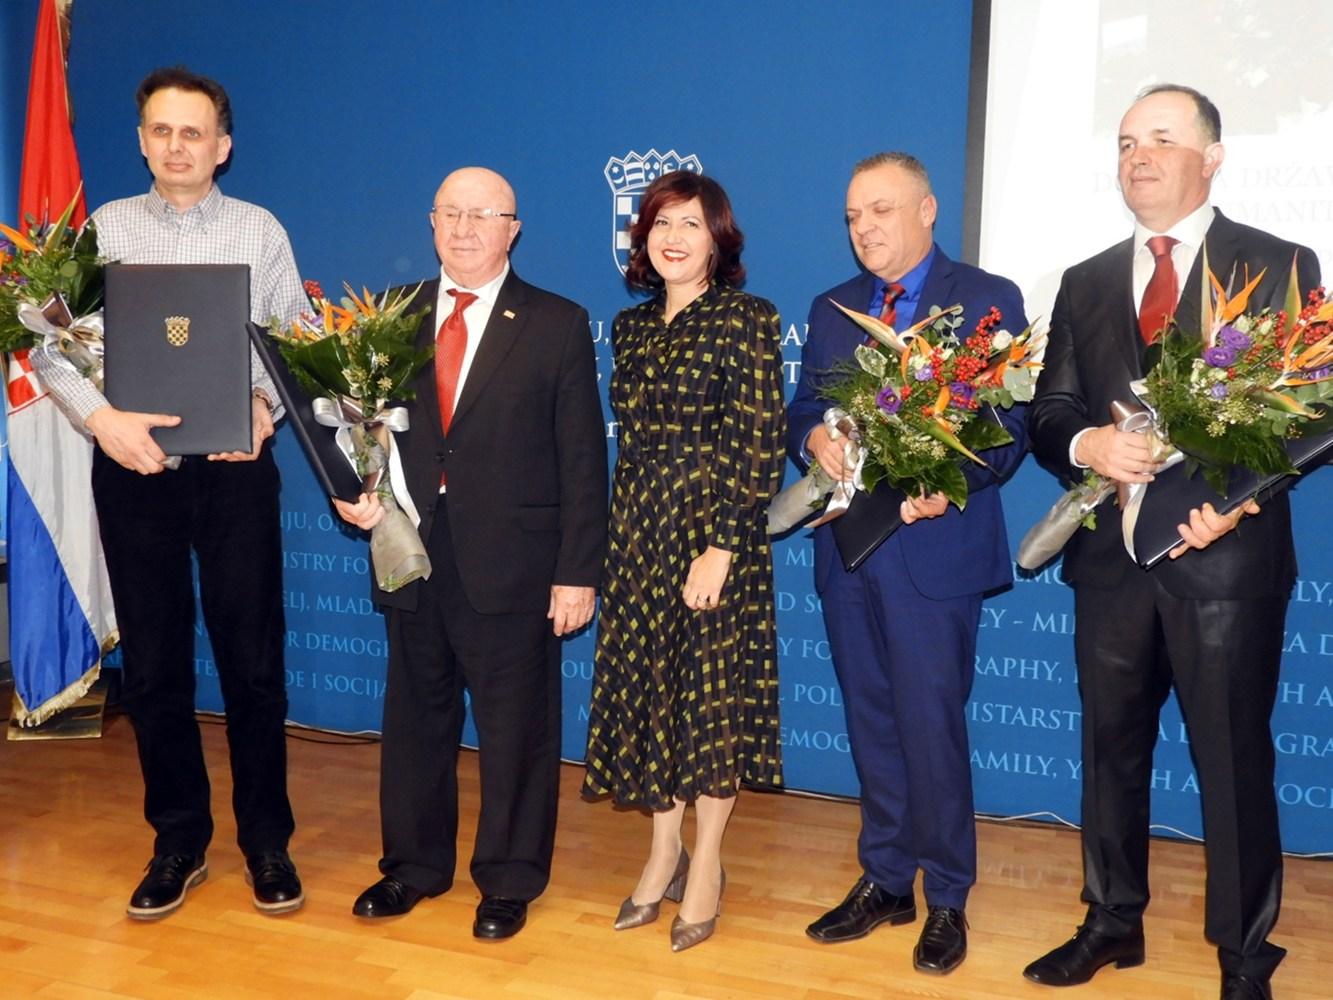 Srecko i nagrada 4